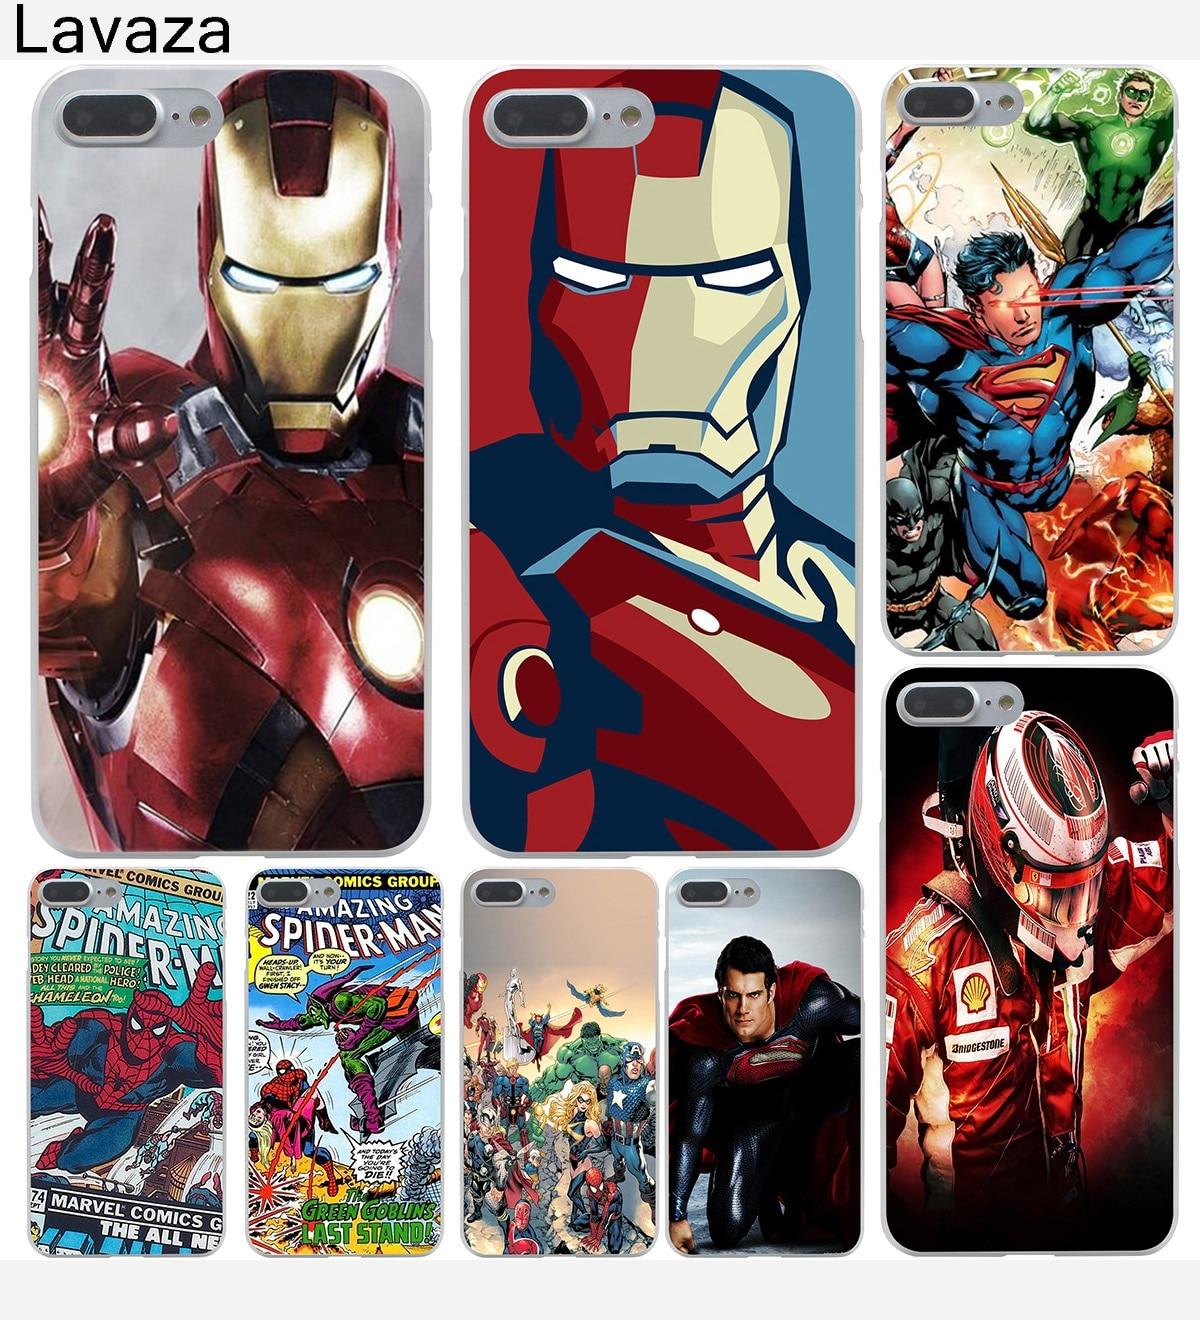 Человек Из Стали Супермен Генри Кавилл Жесткий Прозрачный Чехол для iPhone 7 7 Плюс 6 6 S Плюс 5 5S SE 5C 4 4S